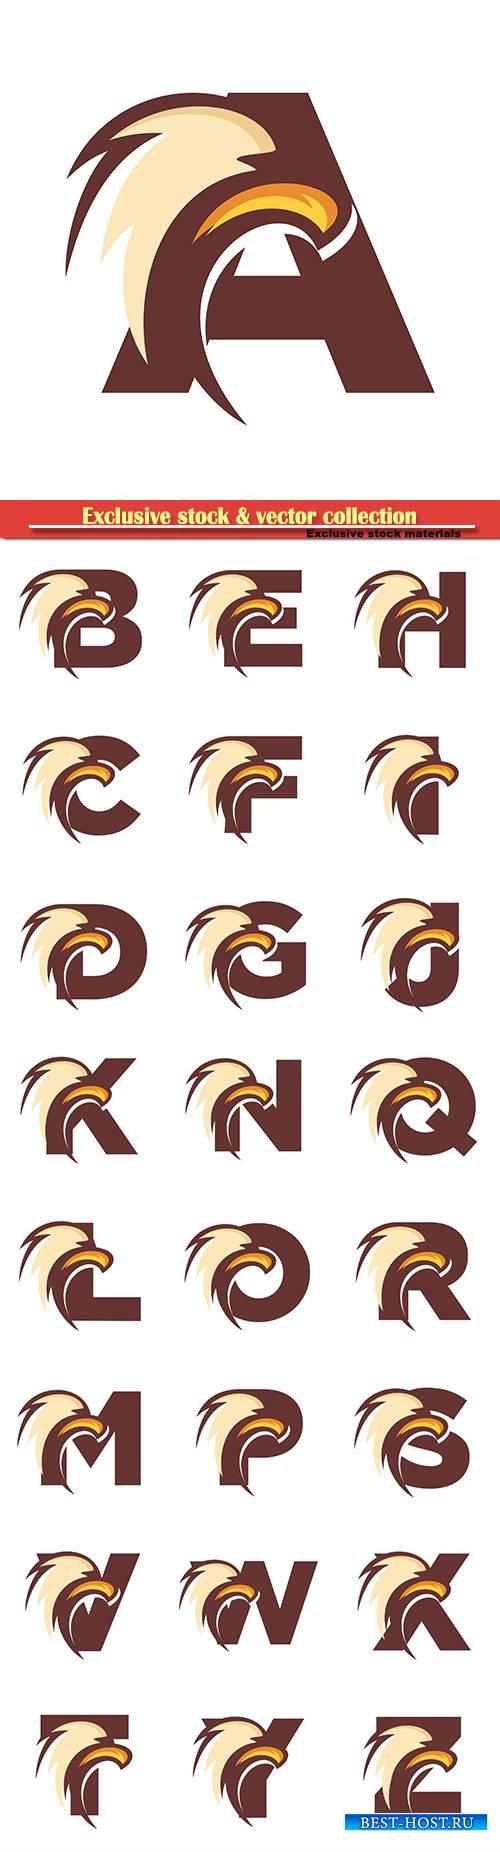 Eagle font vector alphabet illustration